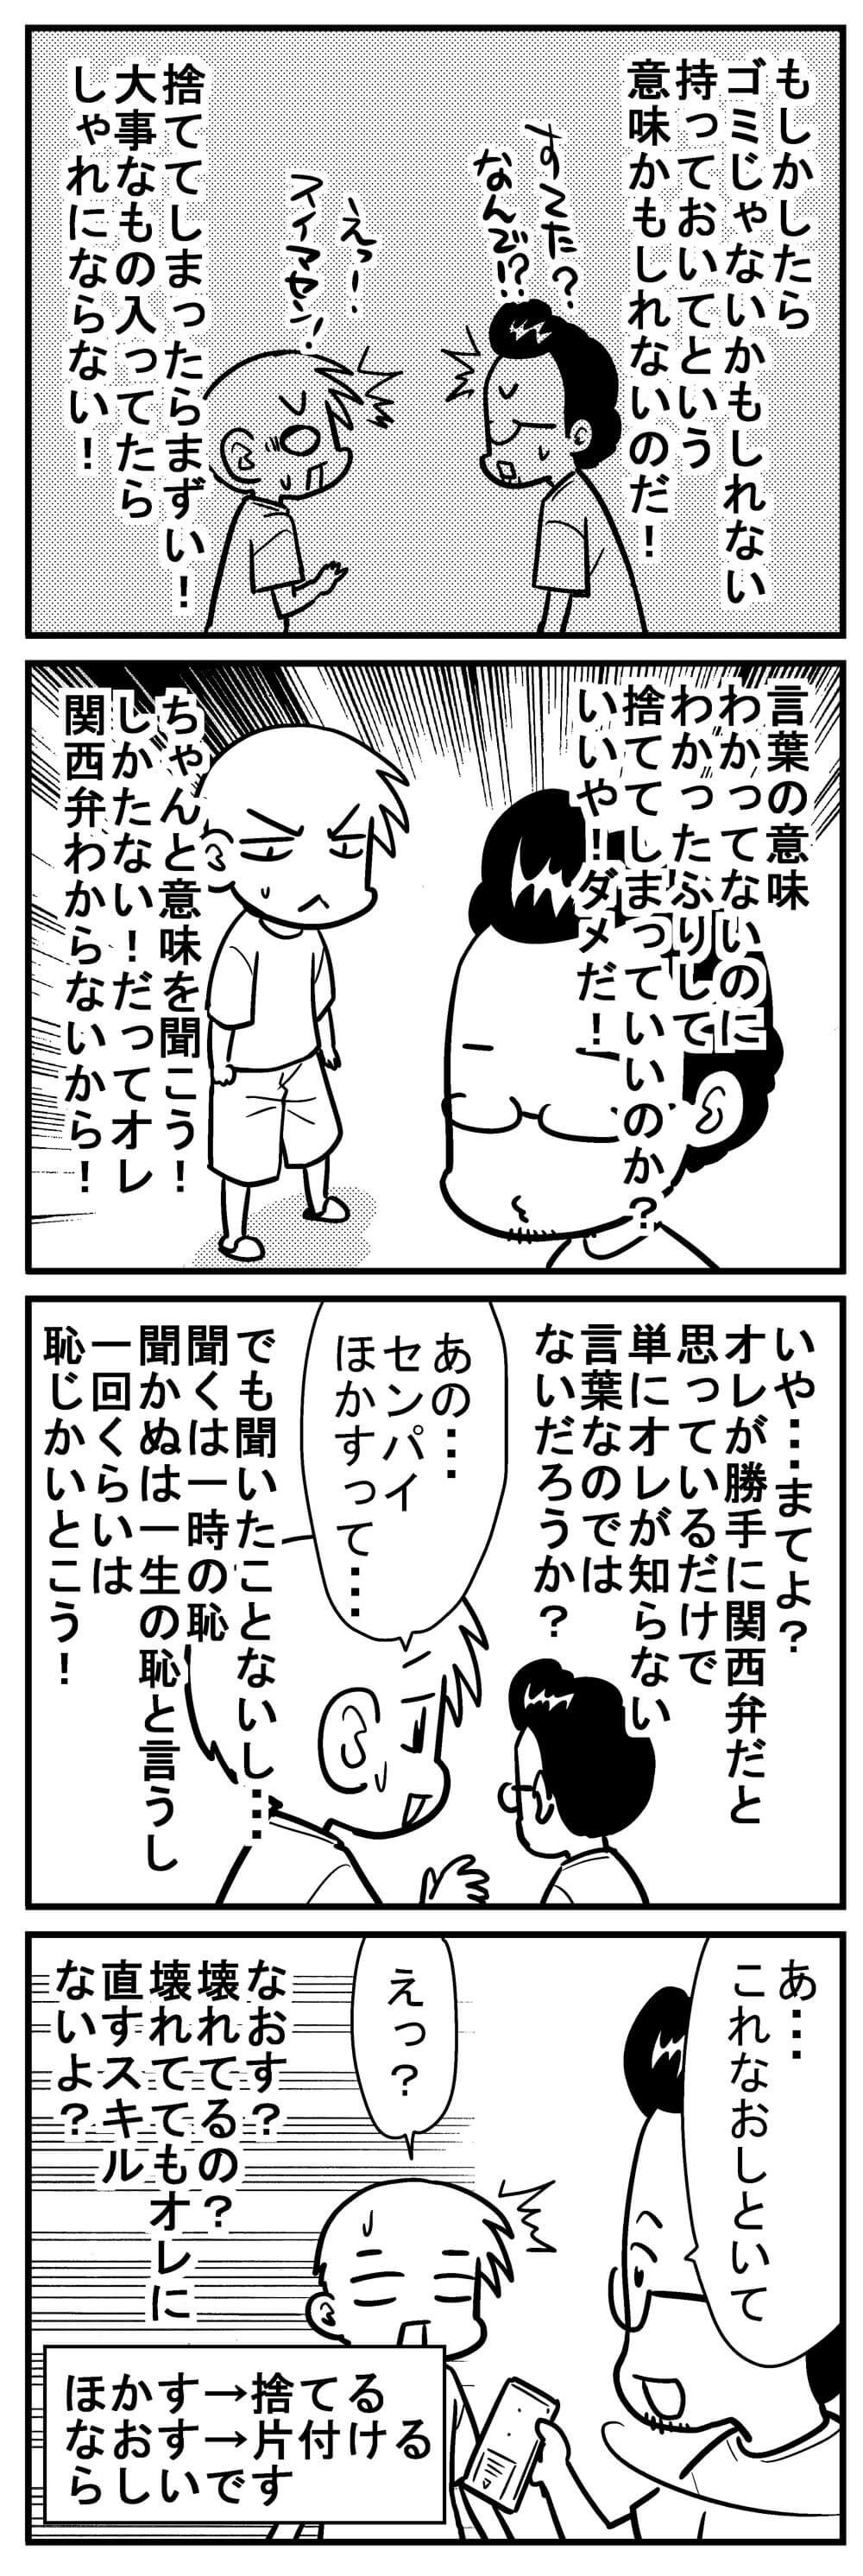 深読みくん157-2